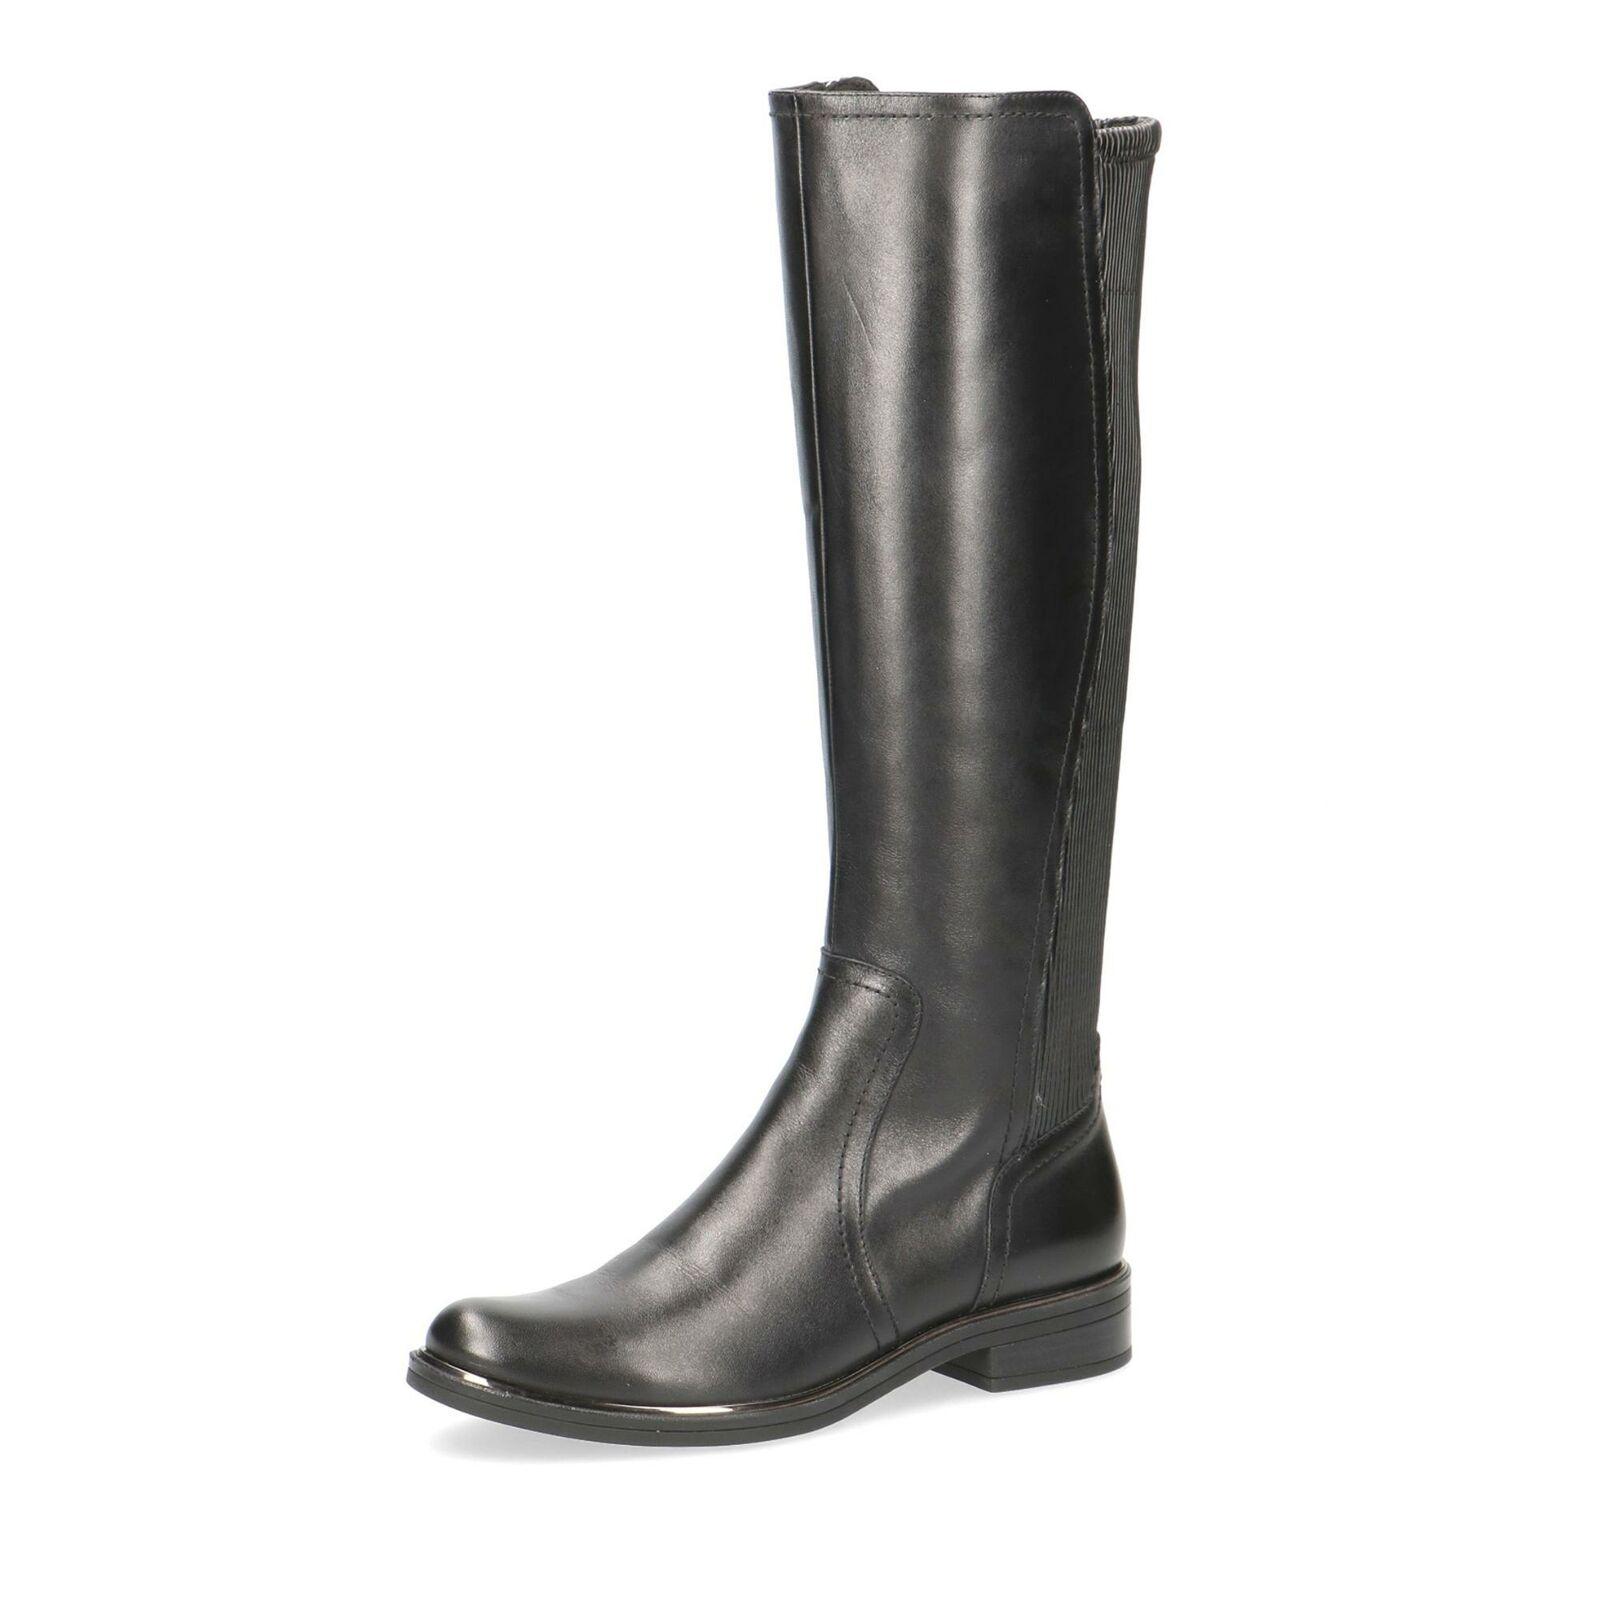 Caprice Damen klassische Stiefel Langschaftstiefel Lederstiefel Schuhe schwarz